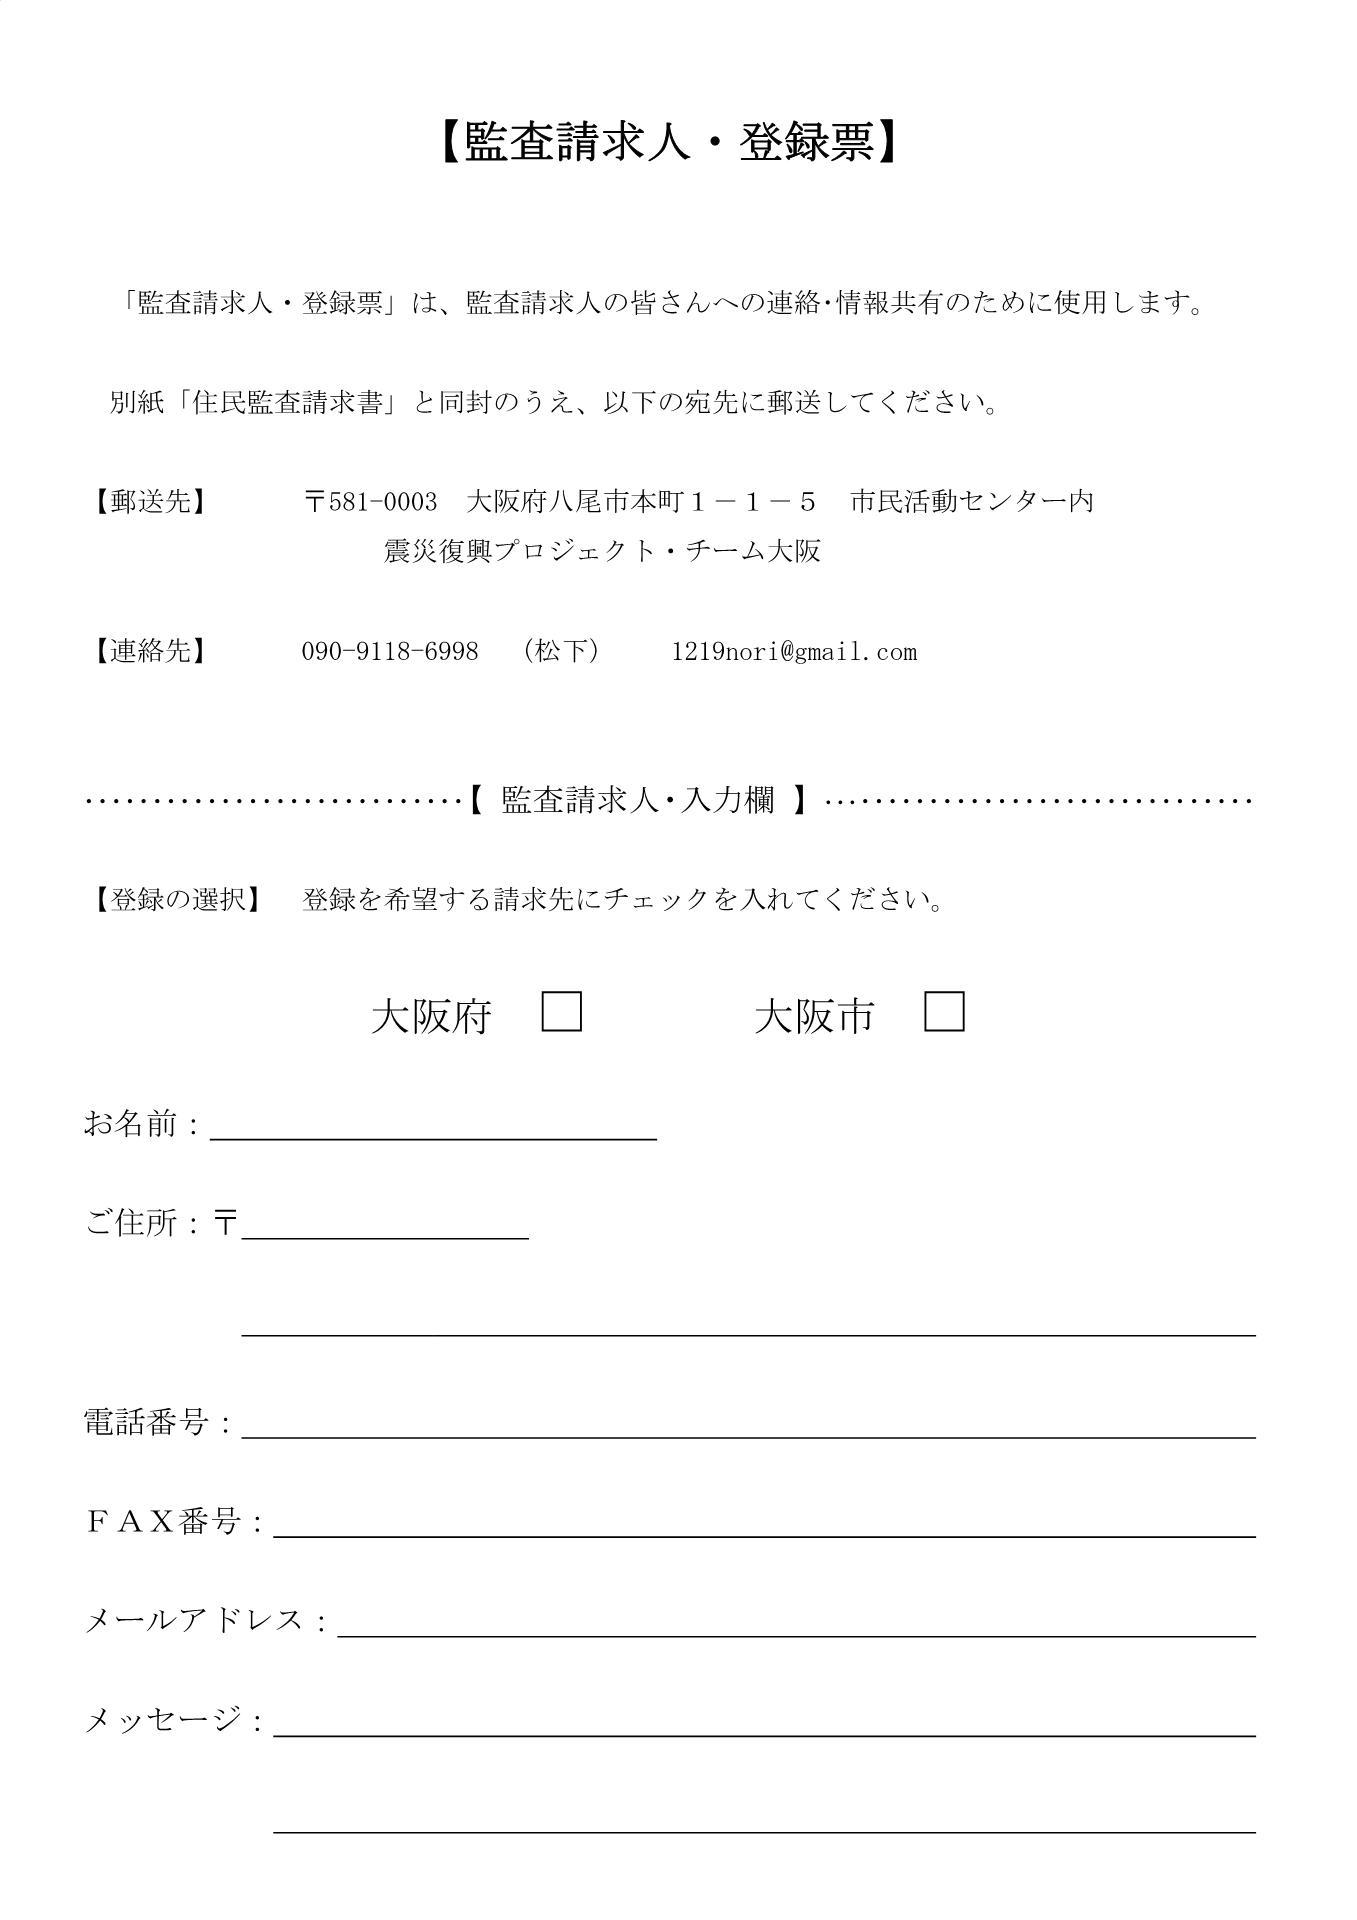 130102tourokuhyou_page0001.jpg